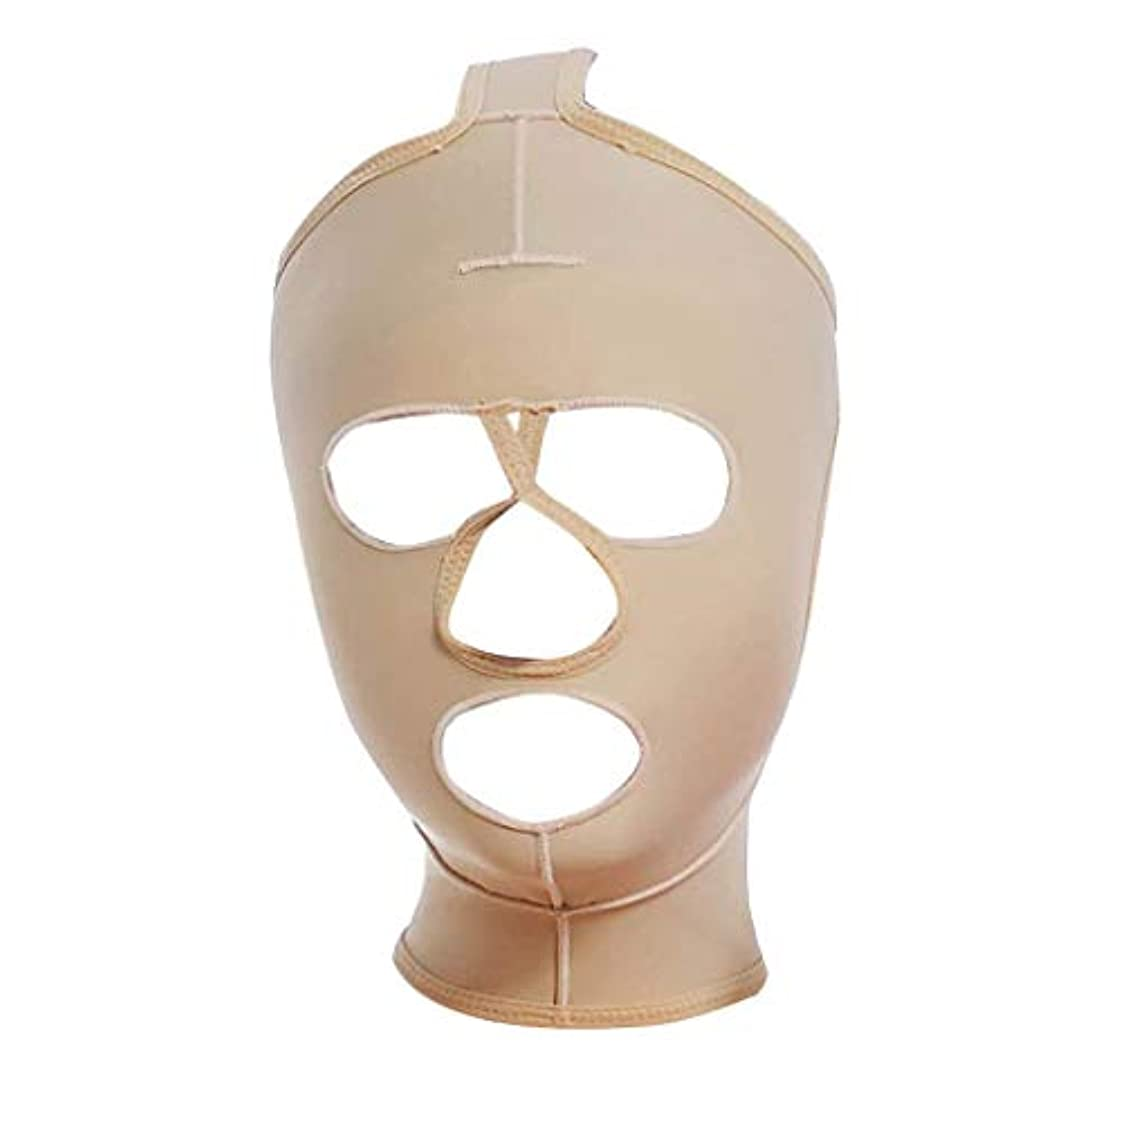 評価邪悪なおそらくフェイス&ネックリフト、減量フェイスマスク脂肪吸引術脂肪吸引術整形マスクフードフェイスリフティングアーティファクトVフェイスビームフェイス弾性スリーブ(サイズ:XXL),M